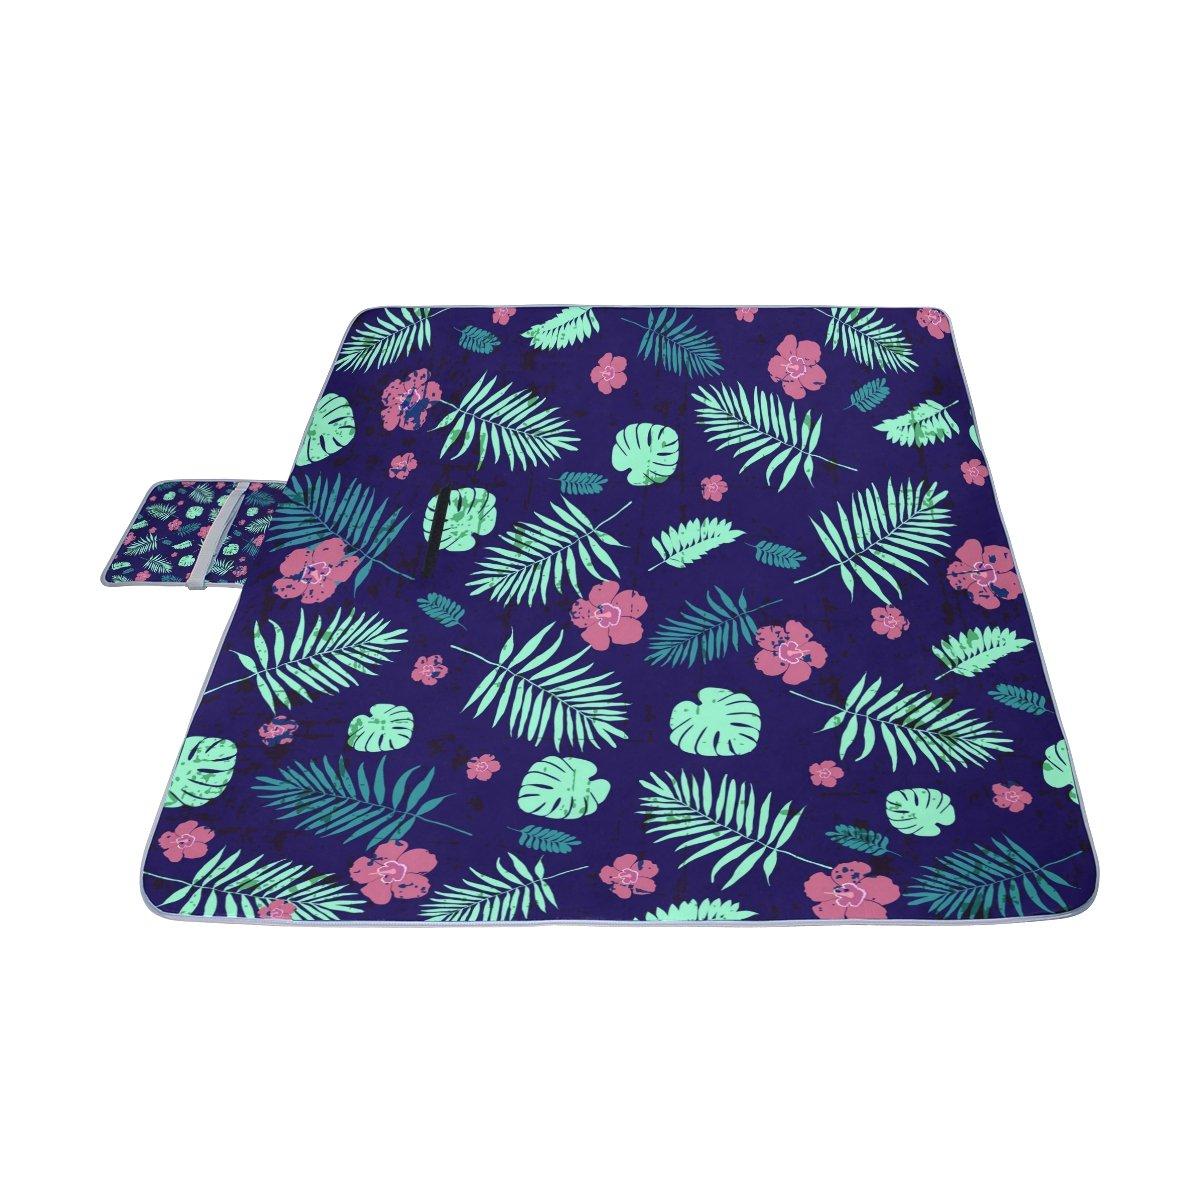 COOSUN Manta de picnic con patrón de hojas de palmera tropical, práctica alfombra resistente al moho y resistente al agua para picnics, playas, senderismo, ...